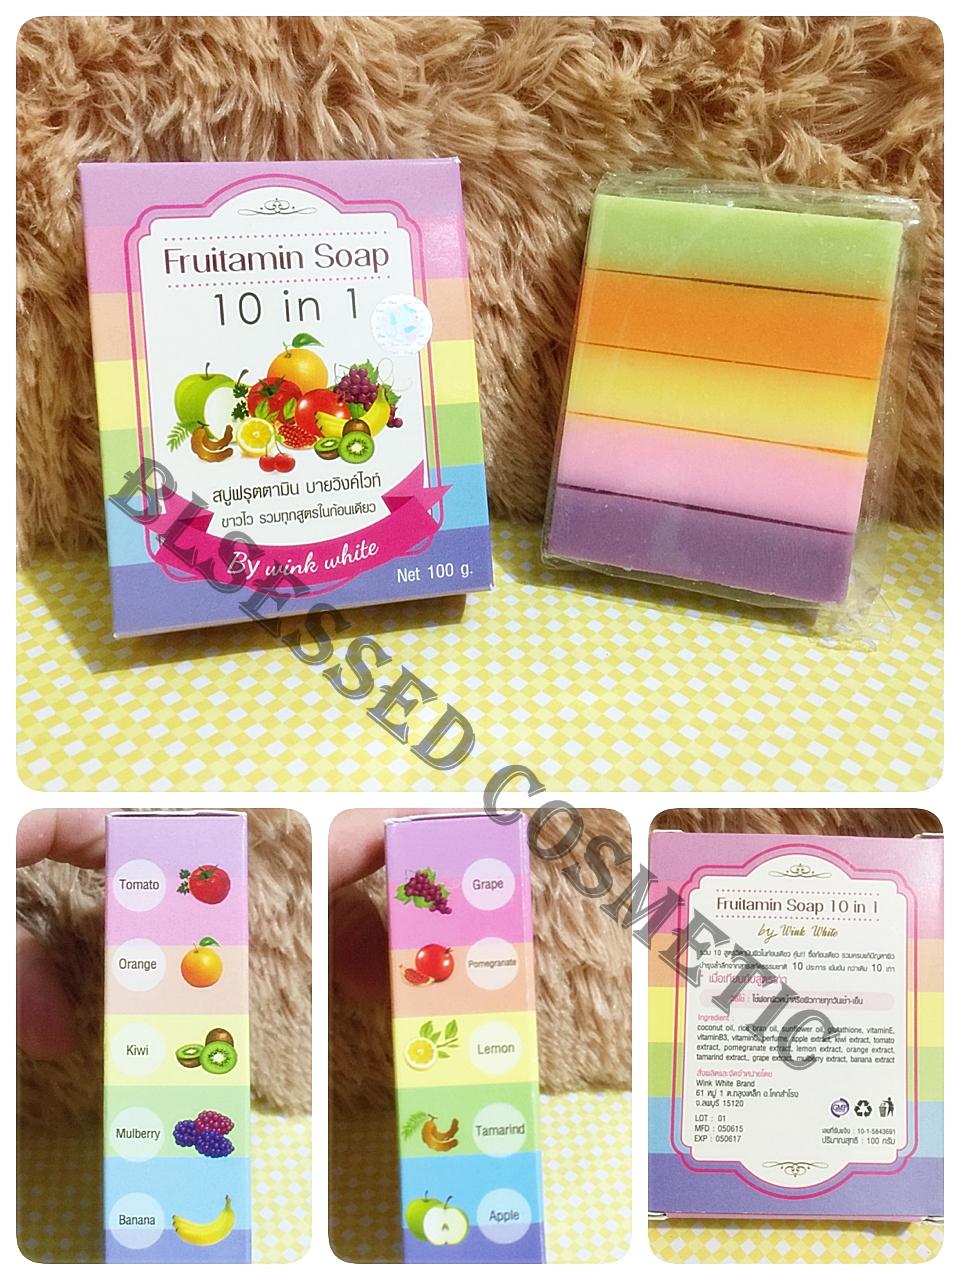 Jual Sabun Vitamin 10 In 1 Fruitamin Soap By Wink White Blessed Frutamin Cosmetic Tokopedia